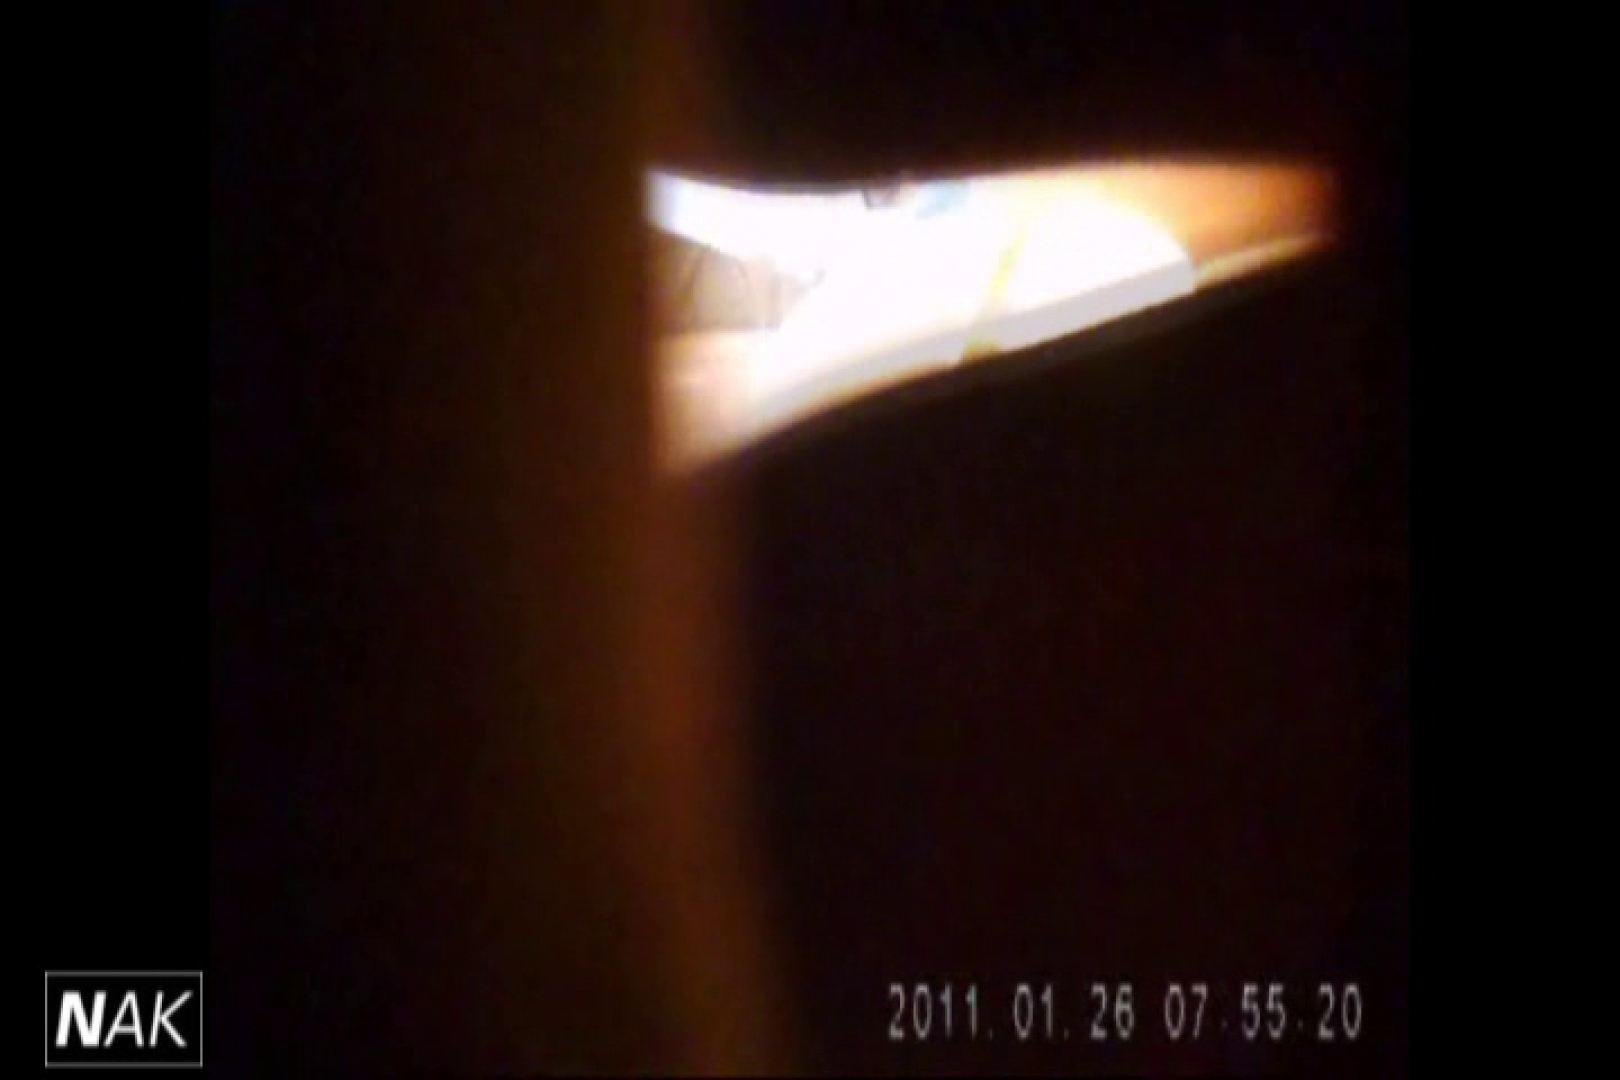 せん八さんの厠観察日記!2点監視カメラ 高画質5000K vol.13 黄金水 | 厠隠し撮り  69pic 41